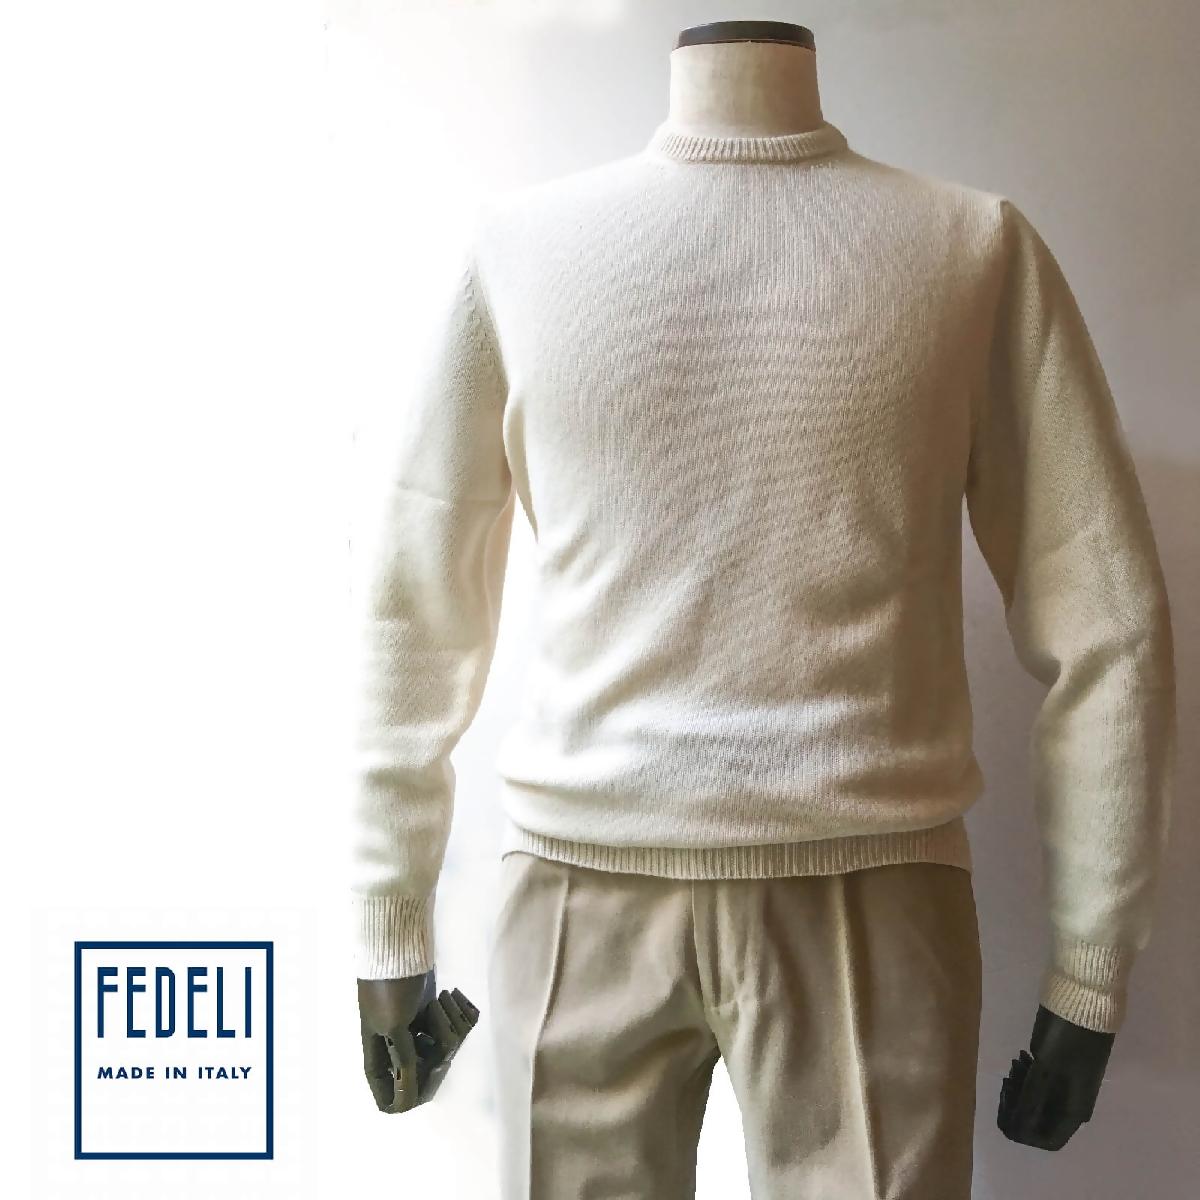 FEDELI (フェデーリ) 2プライカシミヤニットクルーネックセーター アイボリー メンズ ブランド ニット セーター 無地 長袖